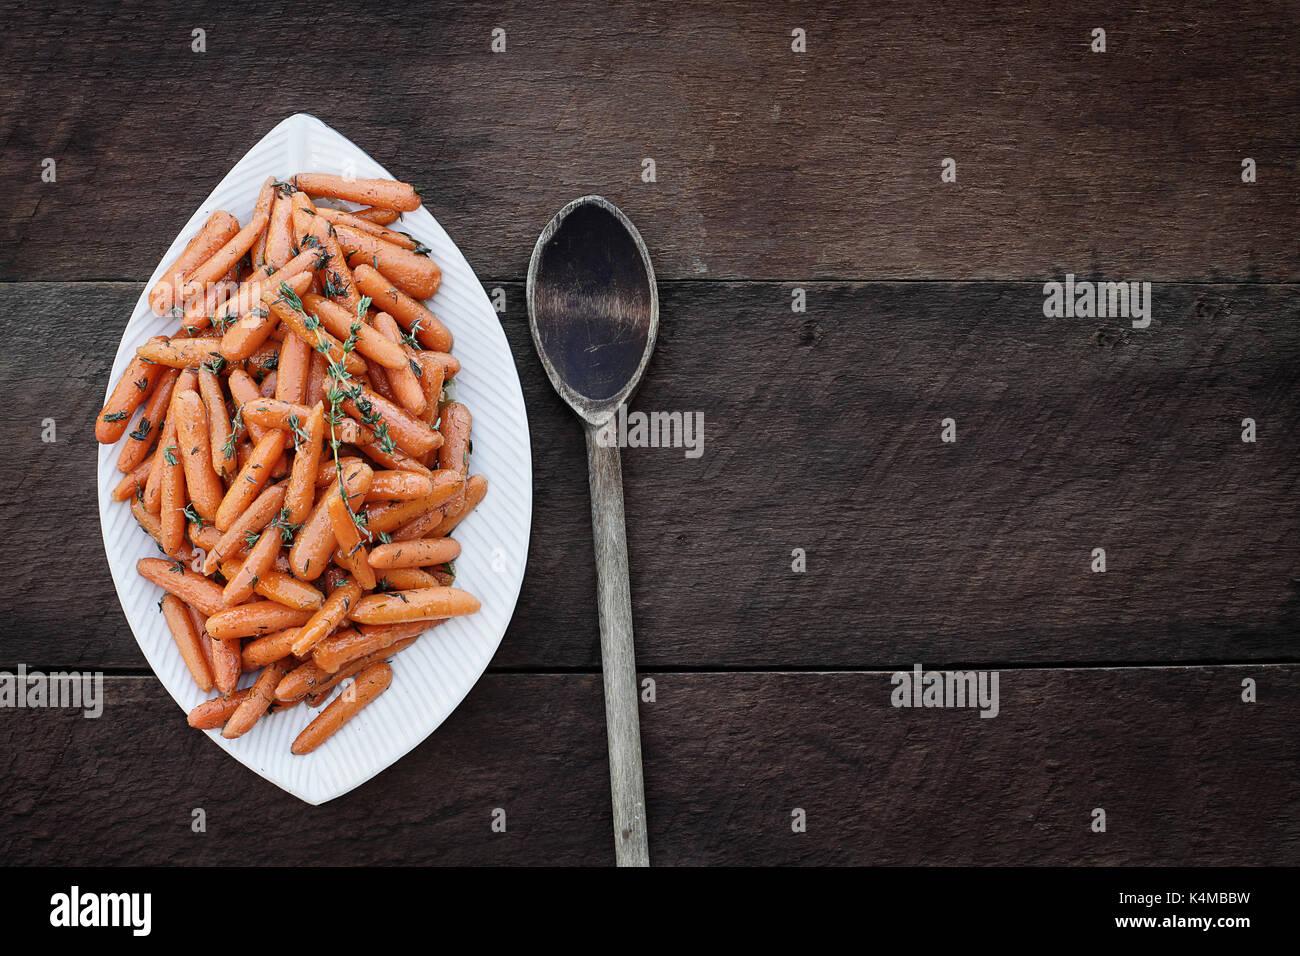 Glassato al miele carotine e vecchio cucchiaio di legno. immagine ripresa dal di sopra in stile flatlay. Immagini Stock